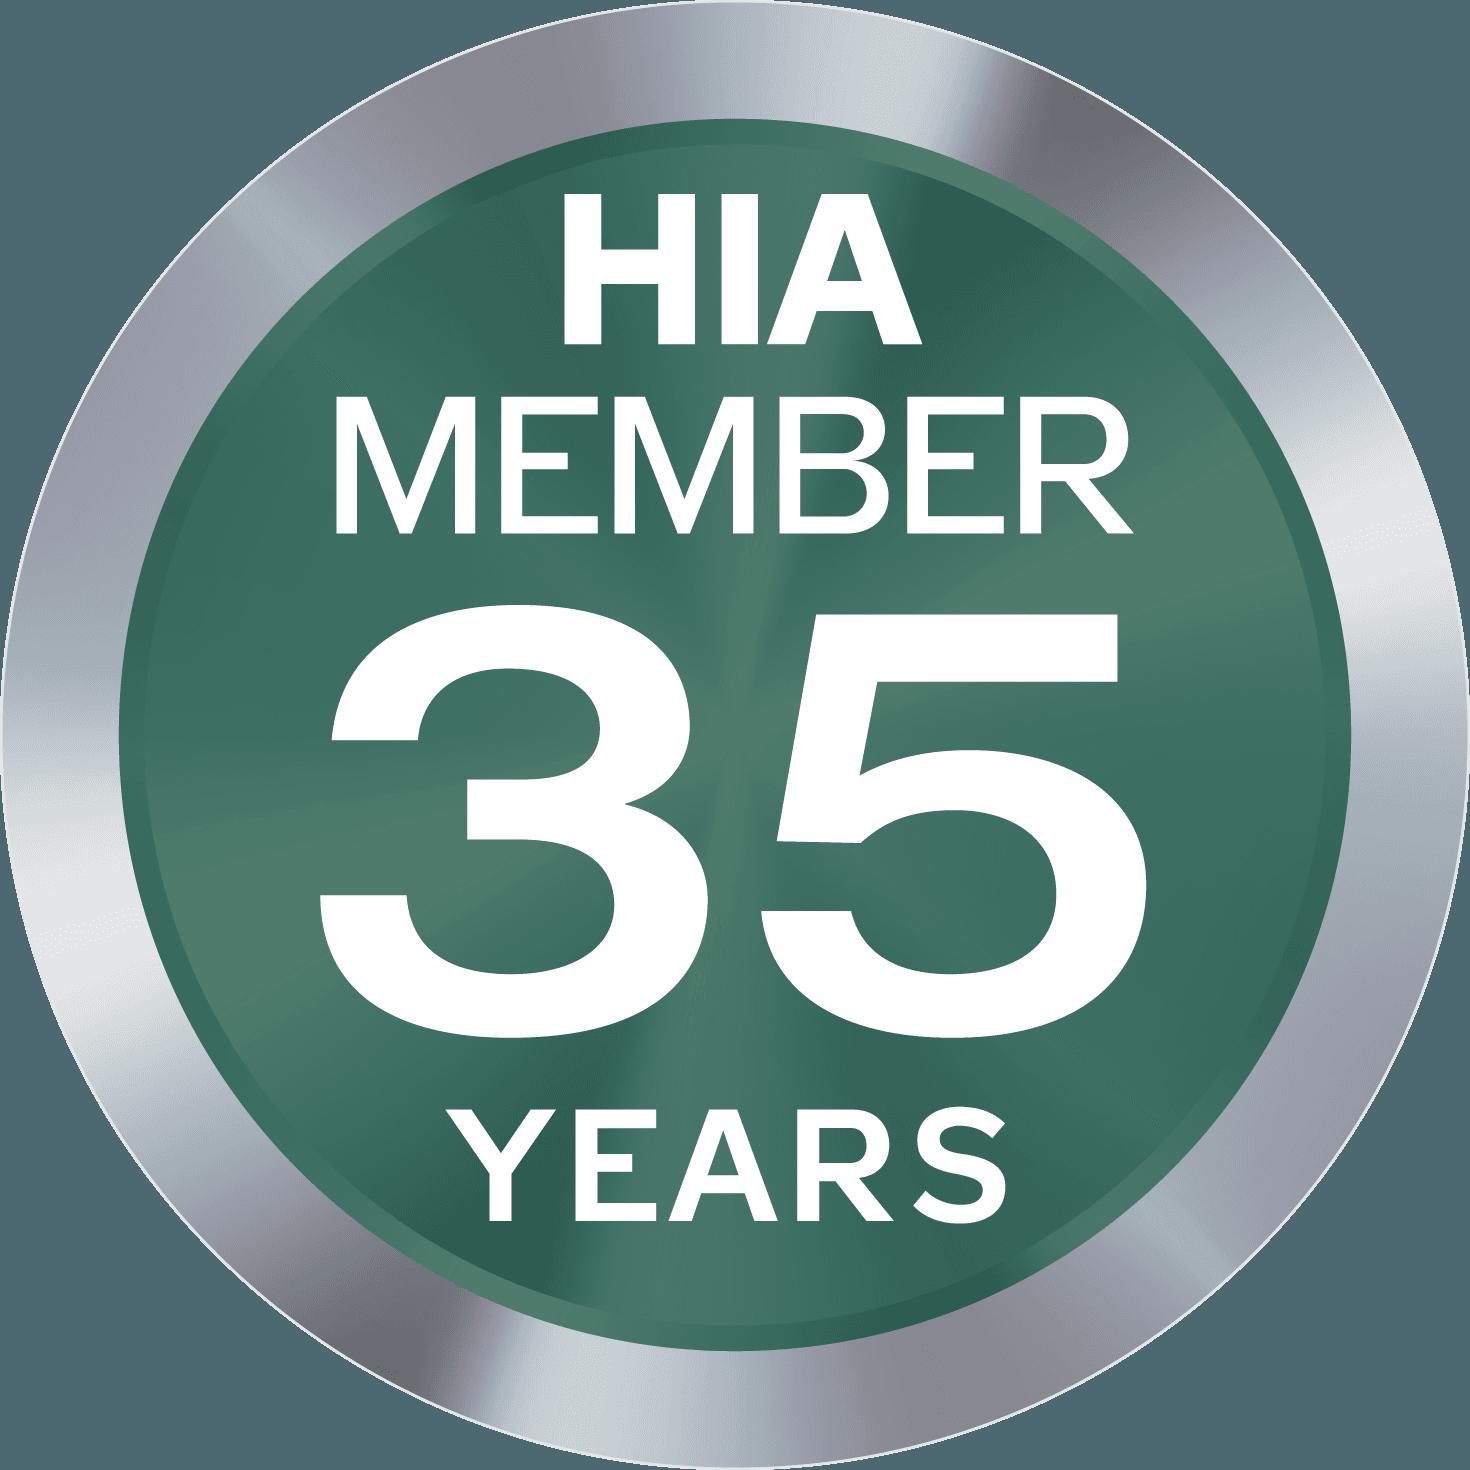 HIA_member_35years